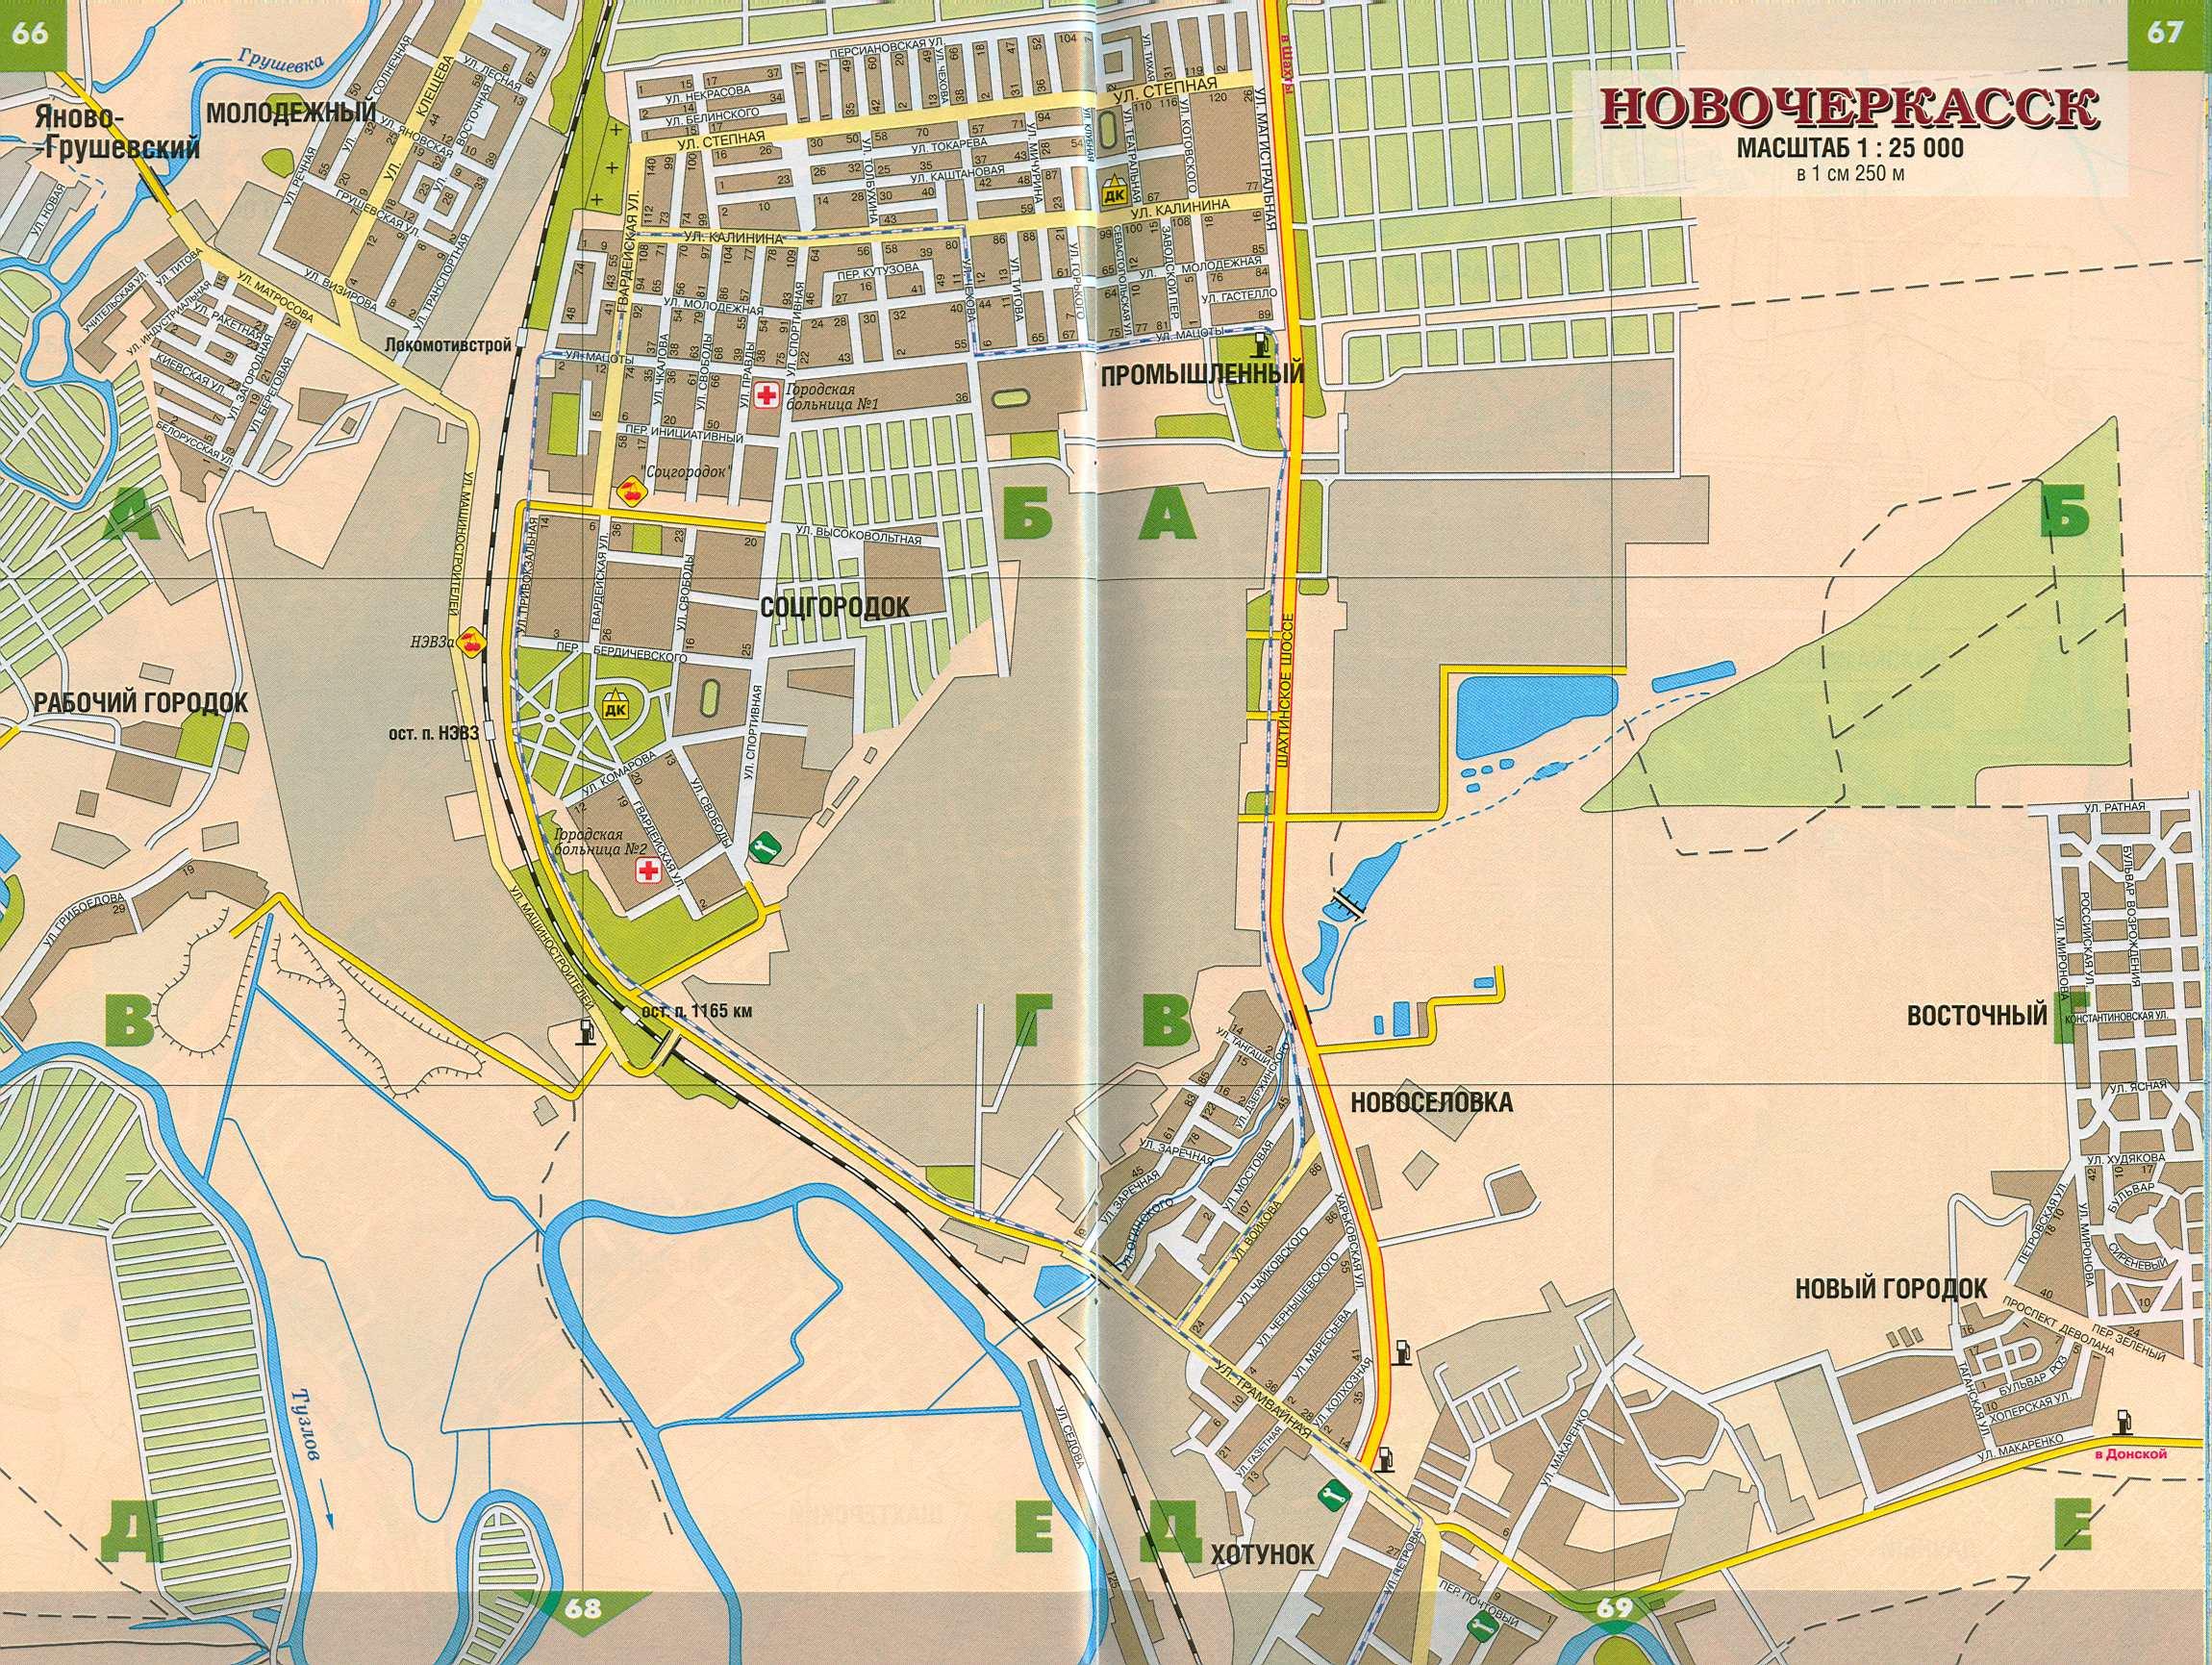 Местоположение на карте города